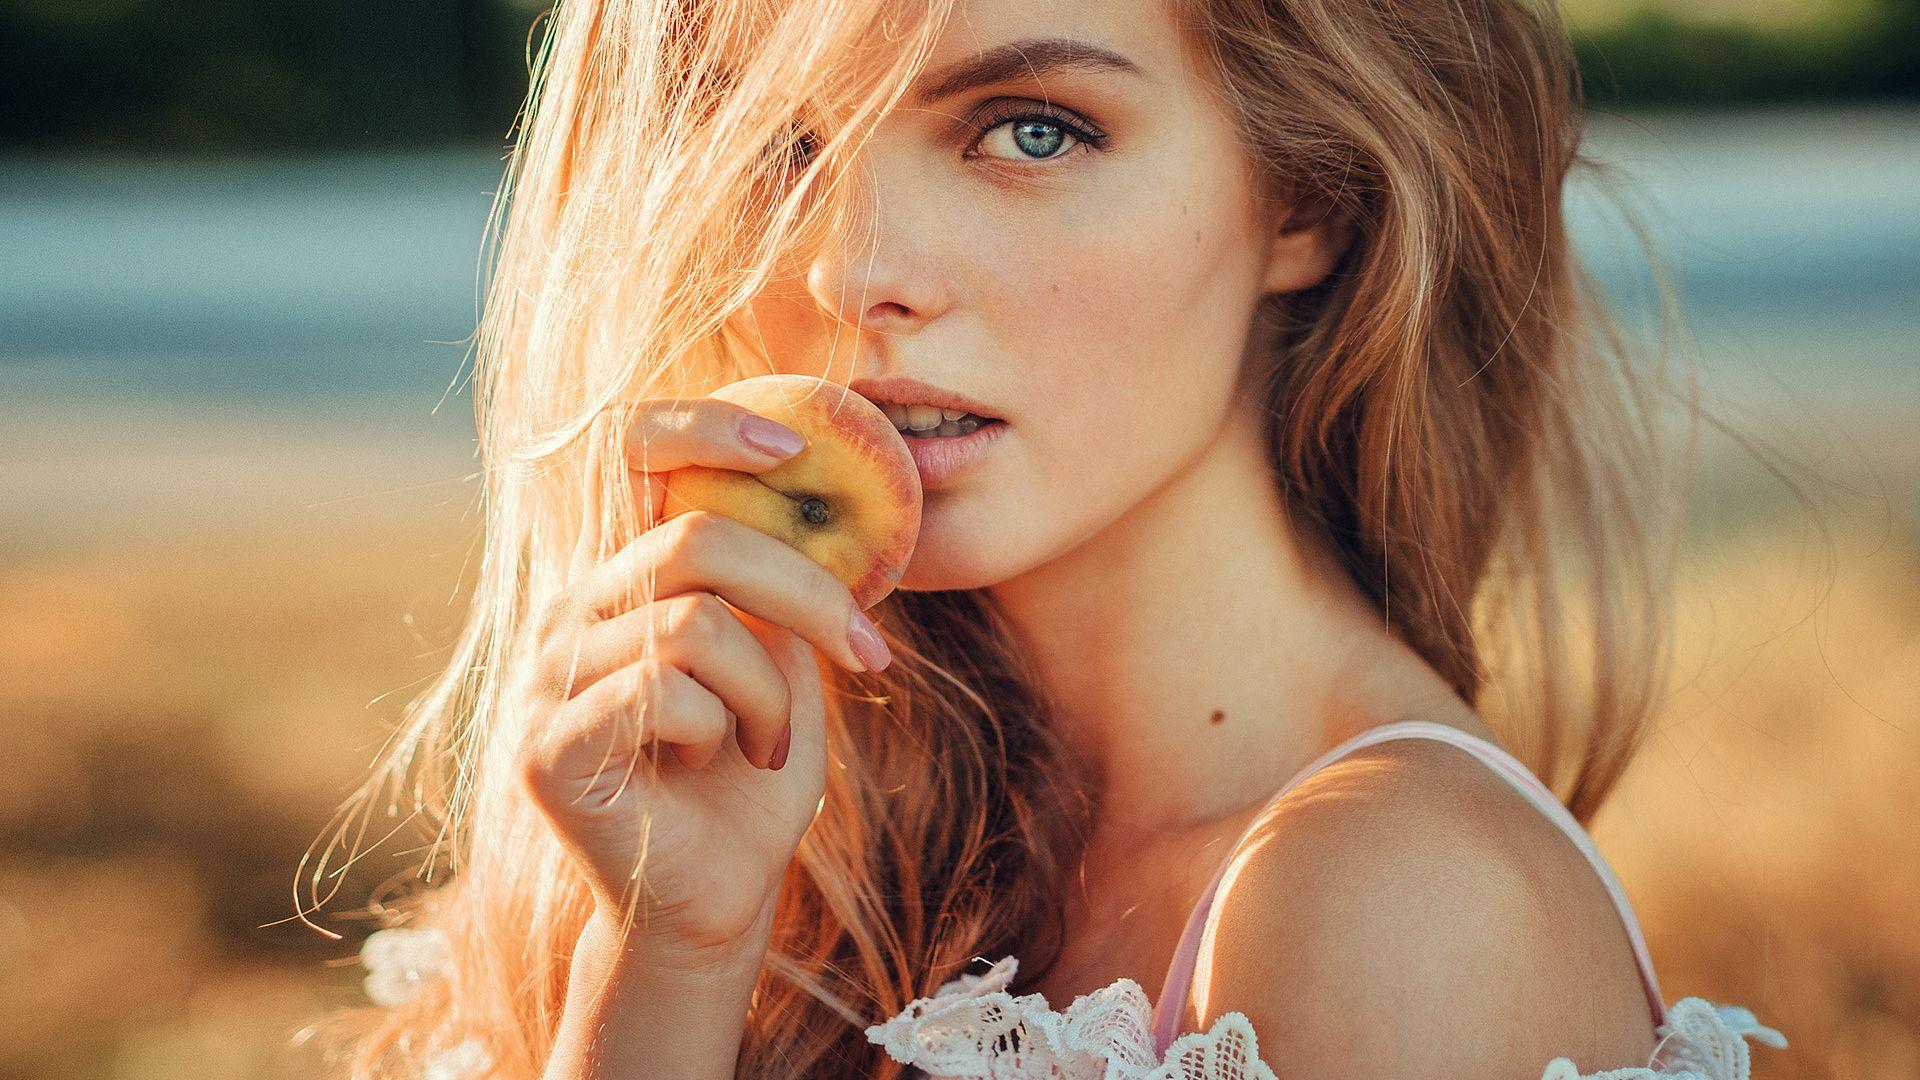 Wallpaper Blue eyes, girl model, apple